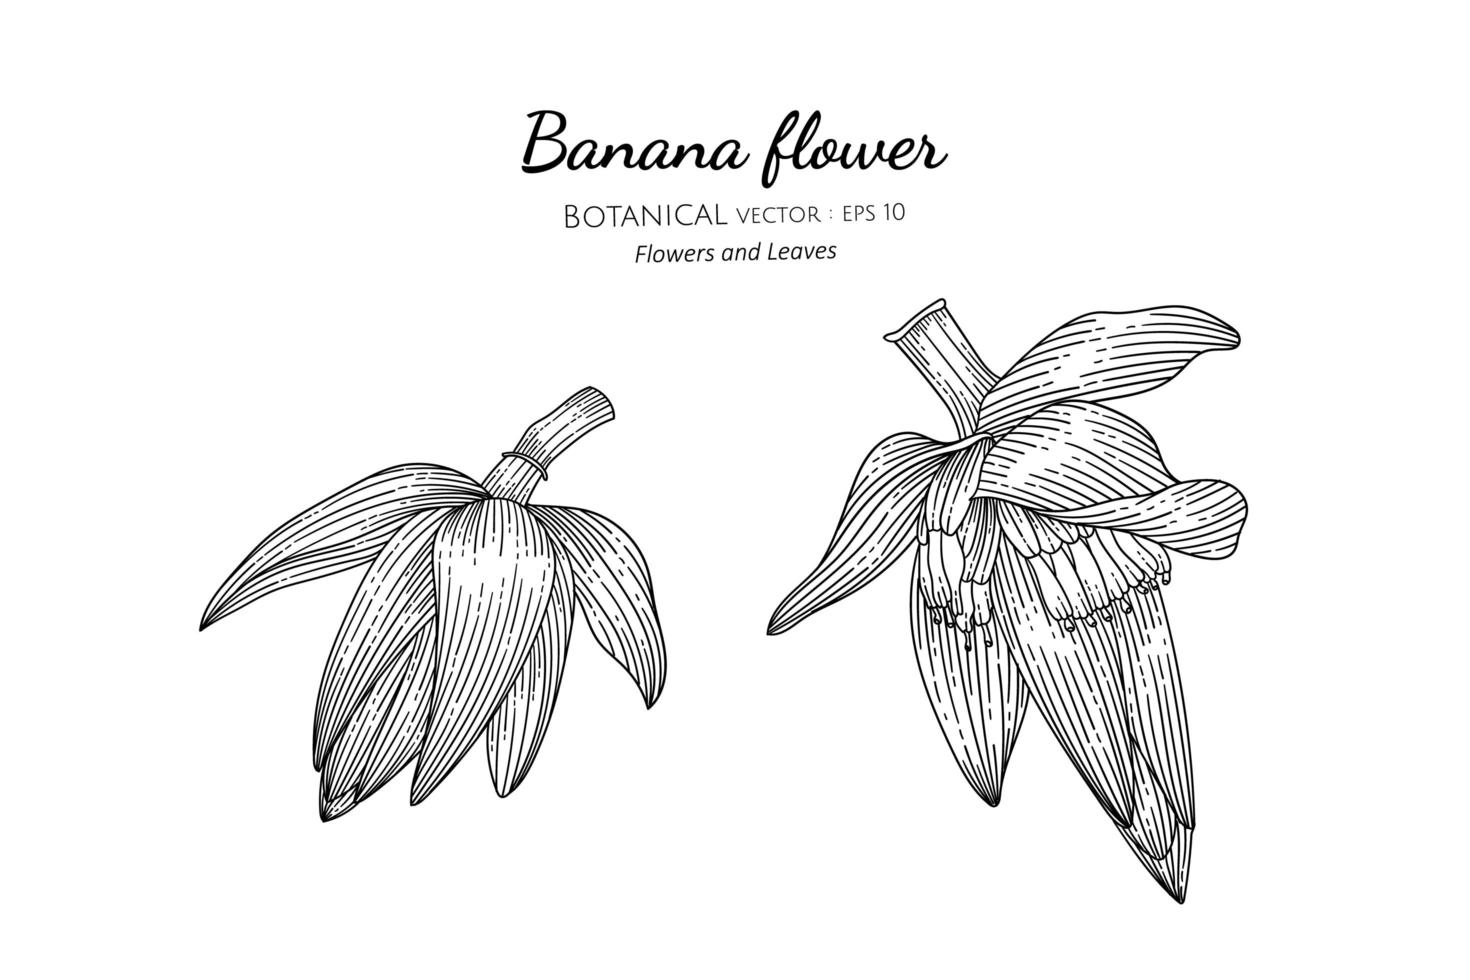 dessin au trait coeur et fleur de banane dessiné à la main vecteur